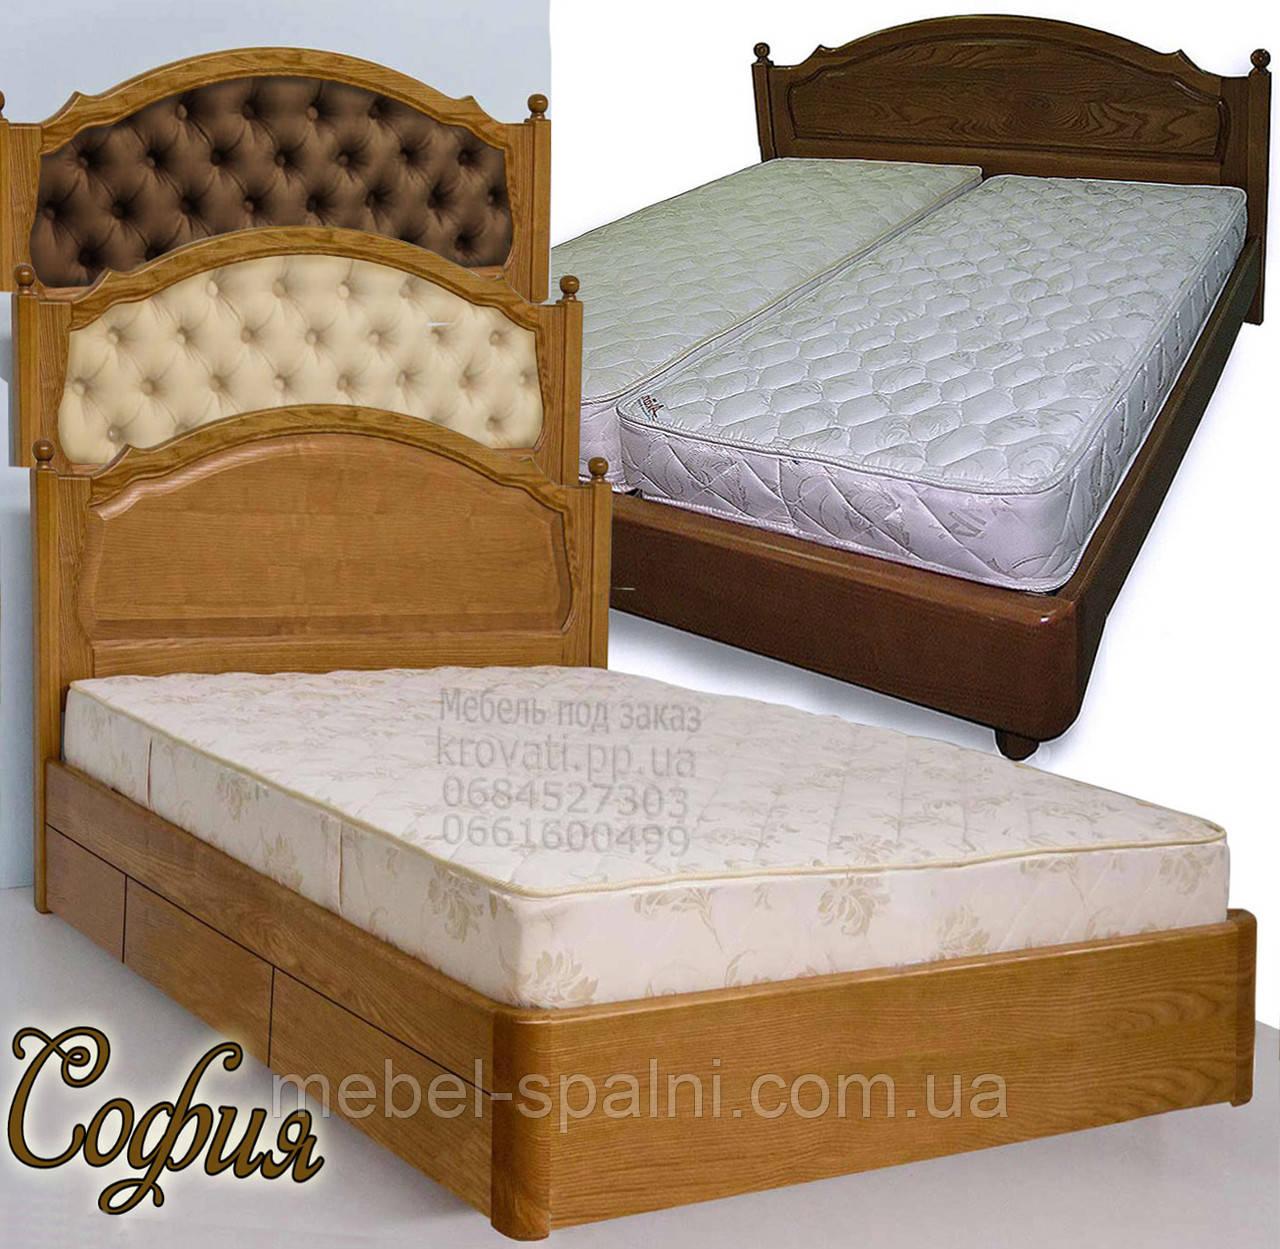 Кровать полуторная «София»